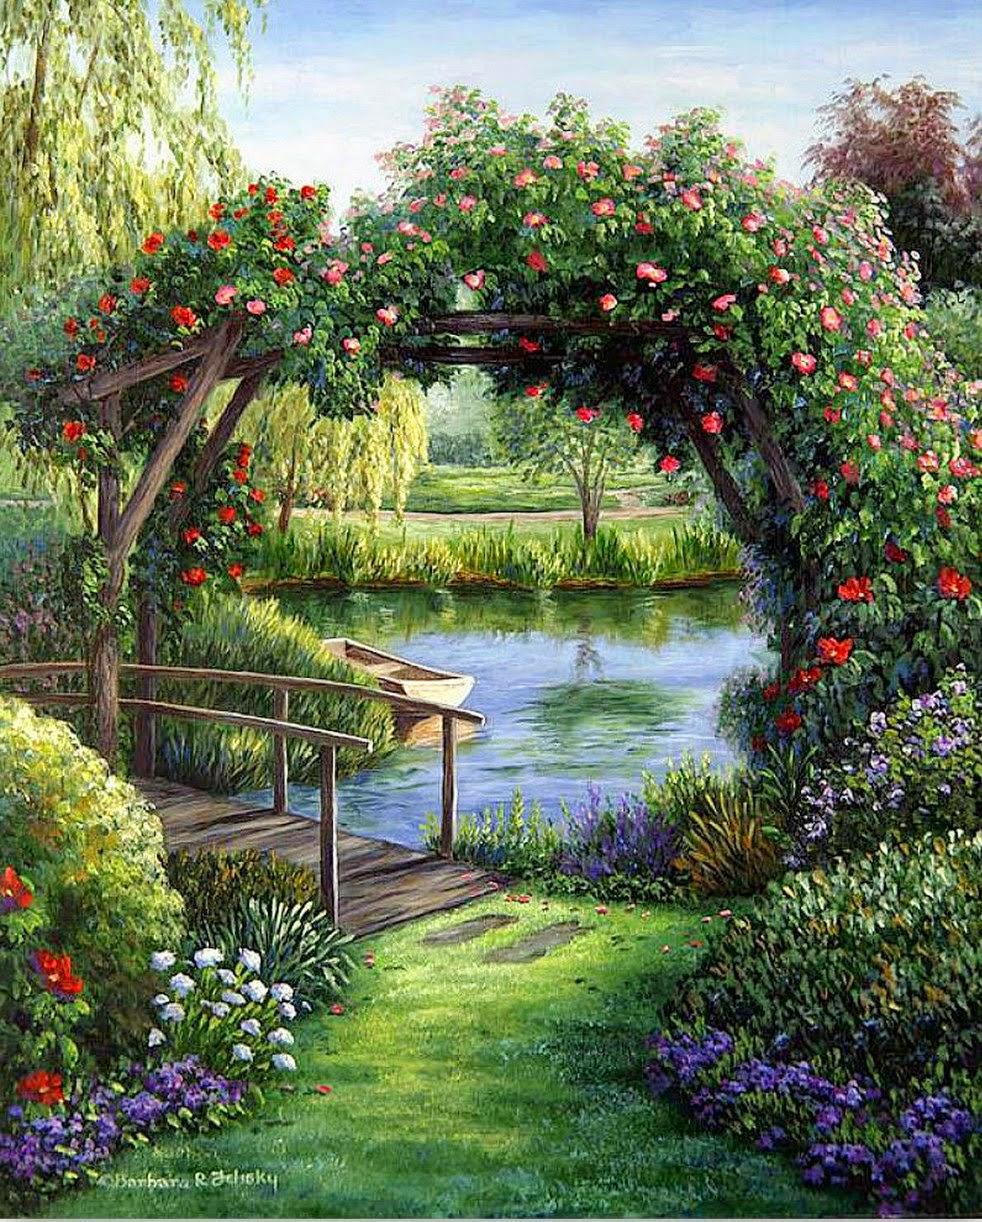 im genes arte pinturas paisajes con jardines y flores